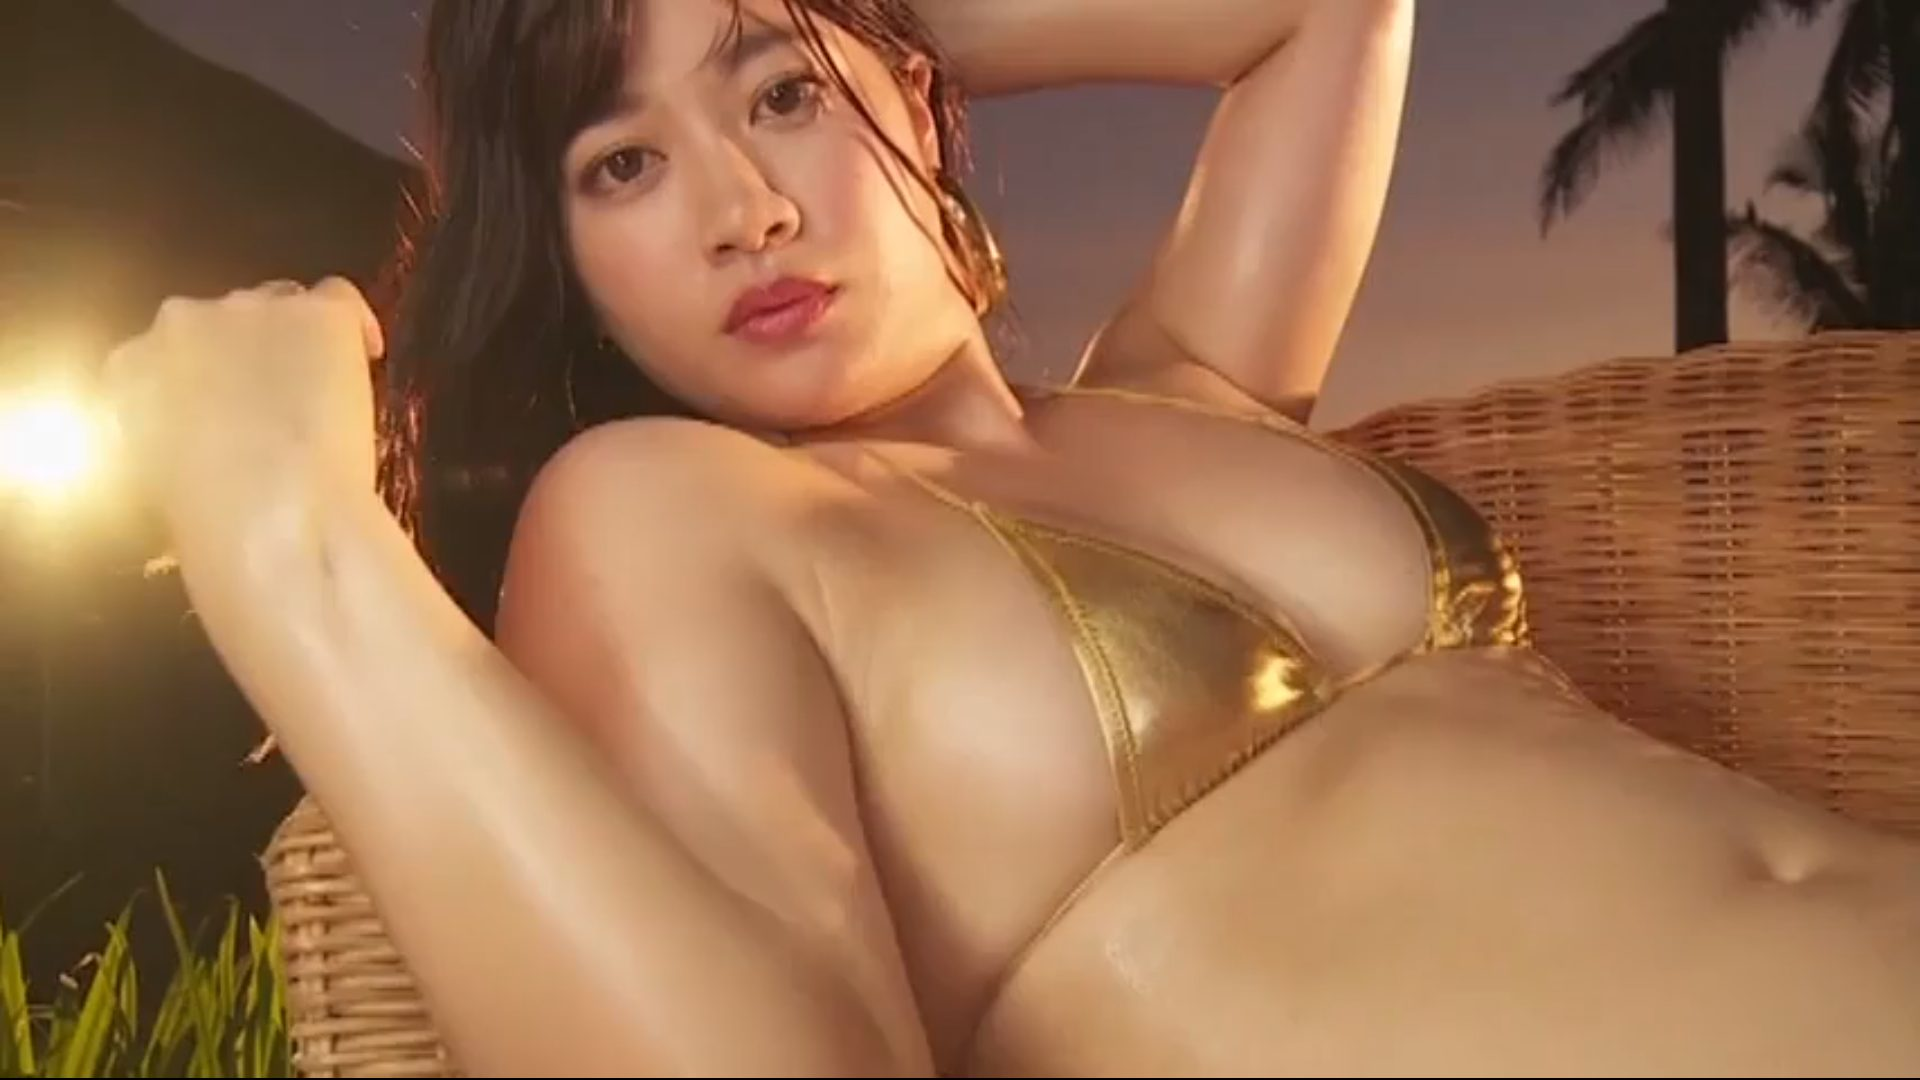 【川嶋麗惟】Eカップ2 妖艶なBODYとメタリックビキニ姿で魅了する!